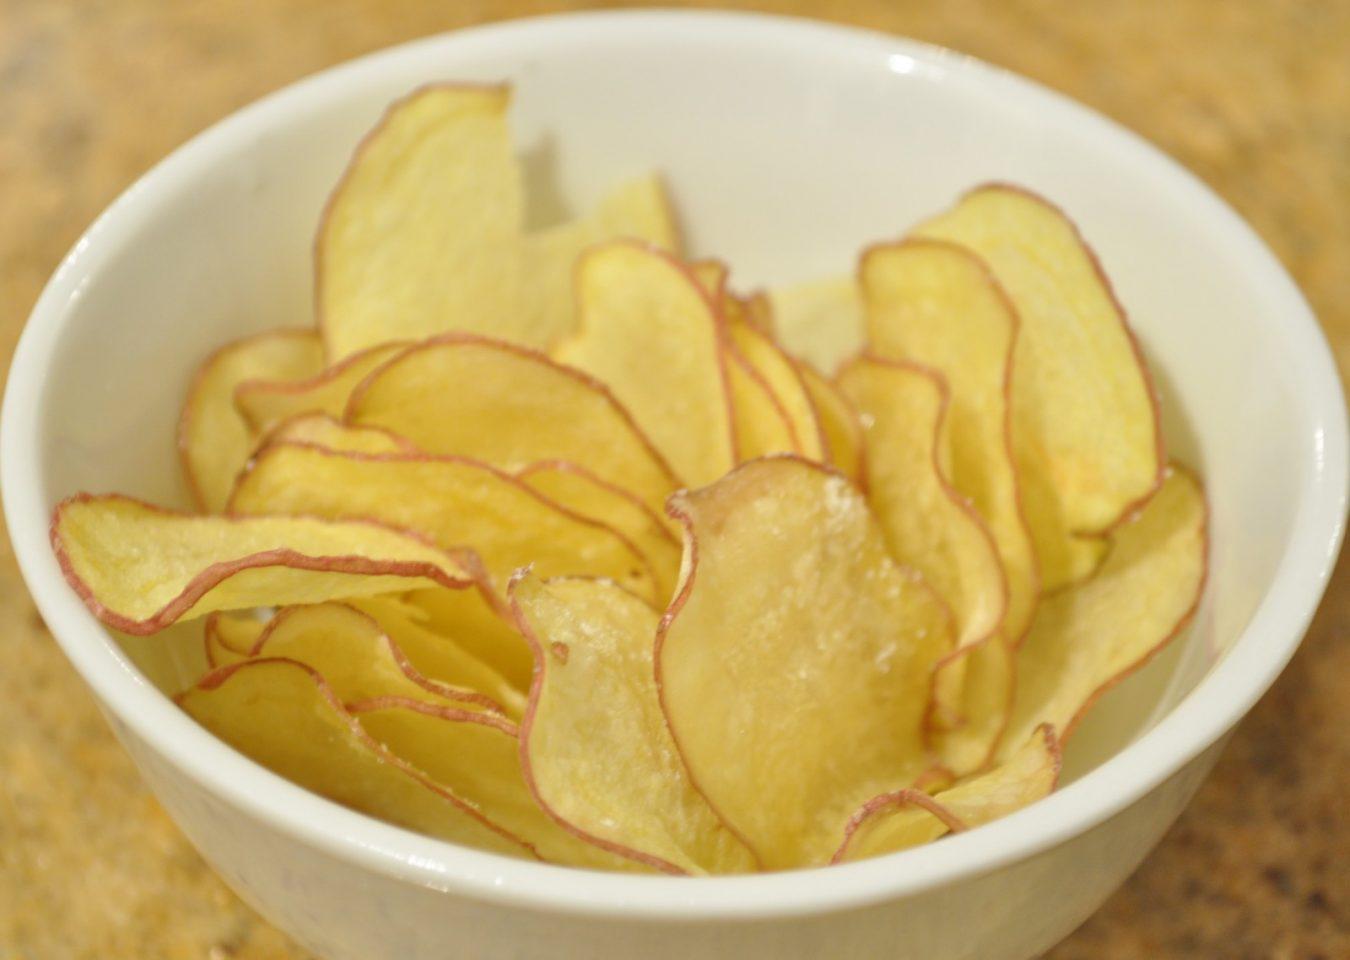 Προσοχή στο αλάτι: Τι ισχύει για πατατάκια, πίτες και γλυκά